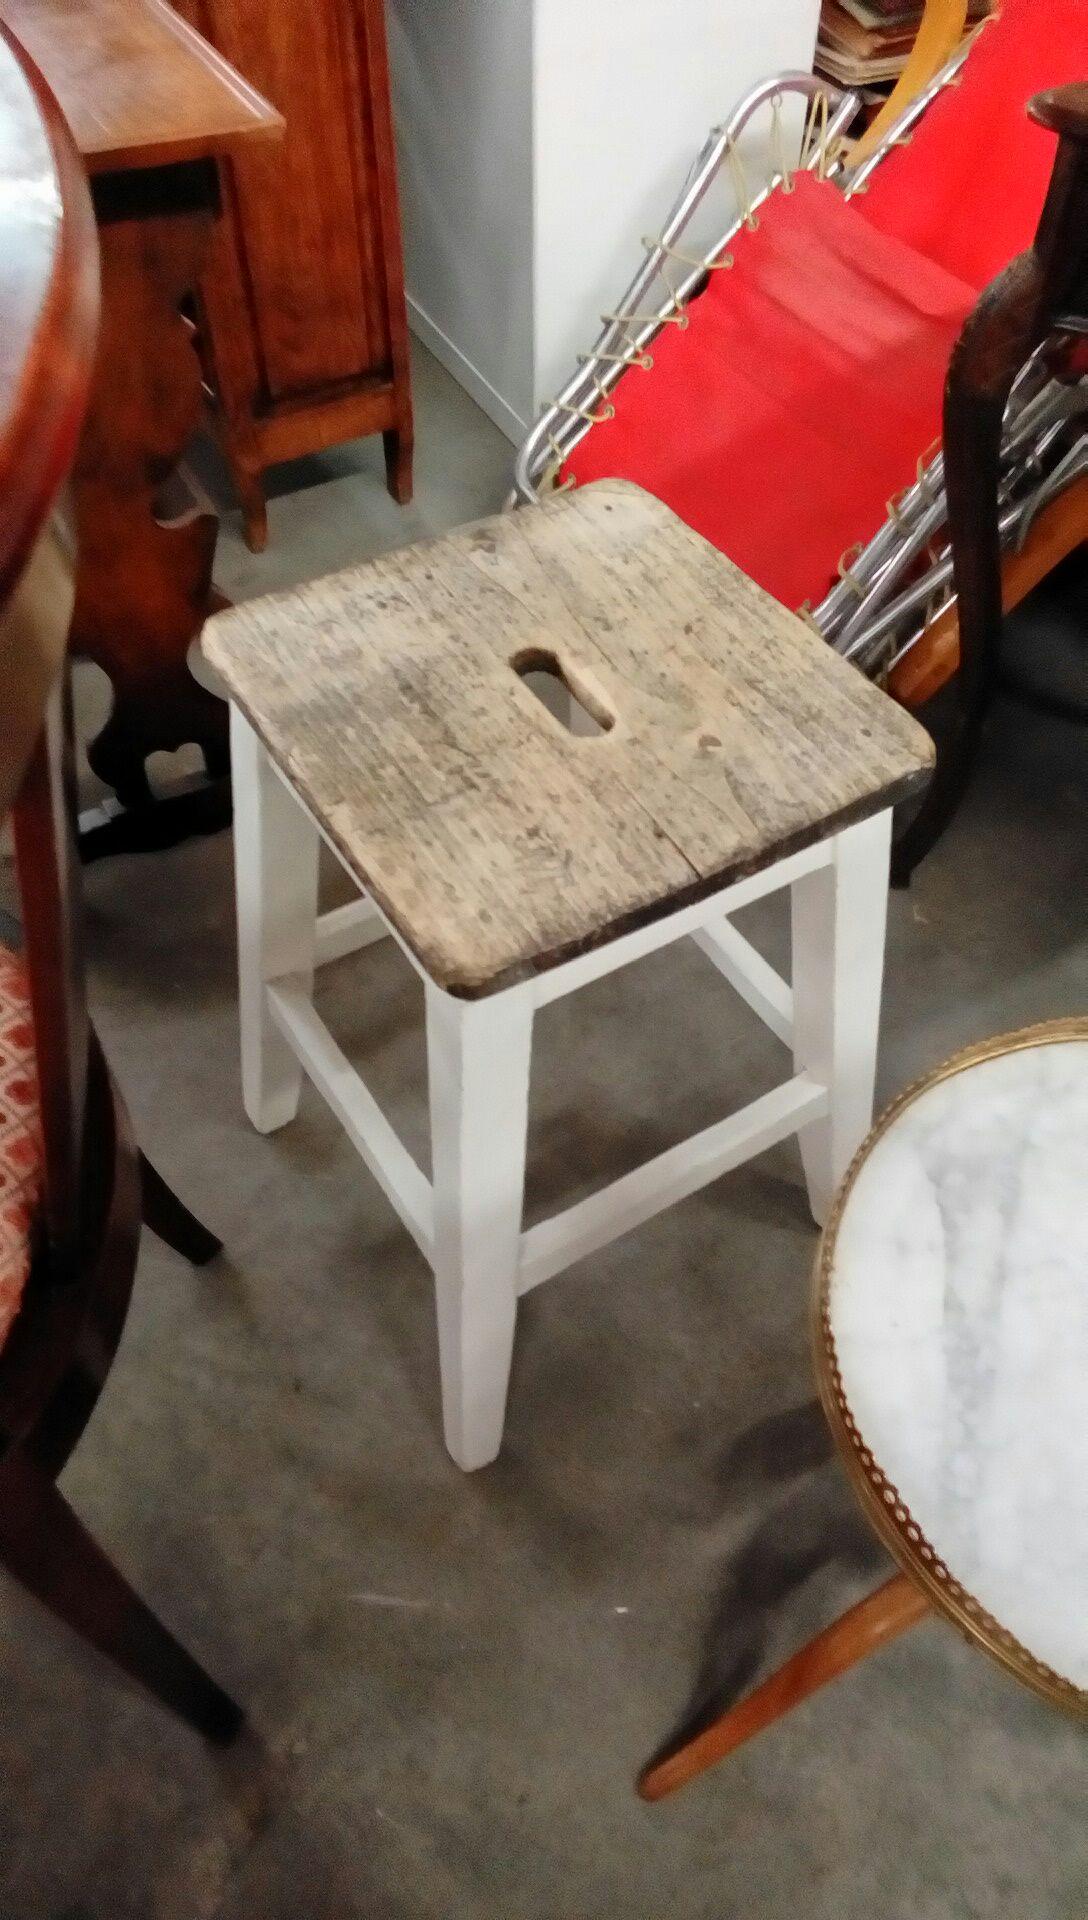 tabouret occasion troc nancy. Black Bedroom Furniture Sets. Home Design Ideas